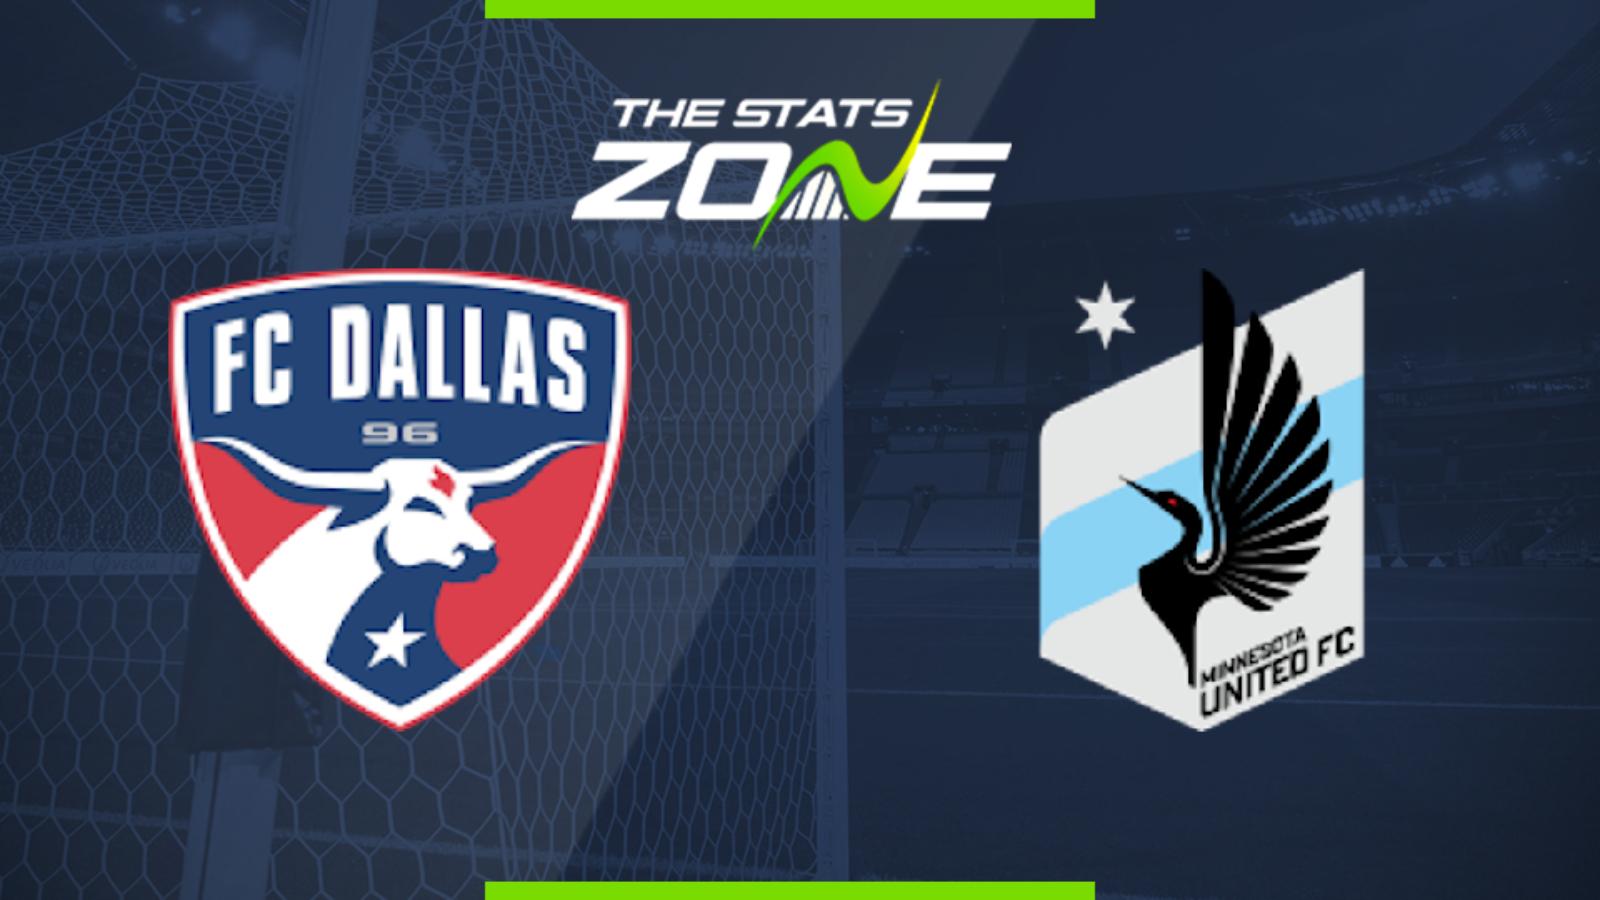 Kết quả hình ảnh cho FC Dallas vs Minnesota United